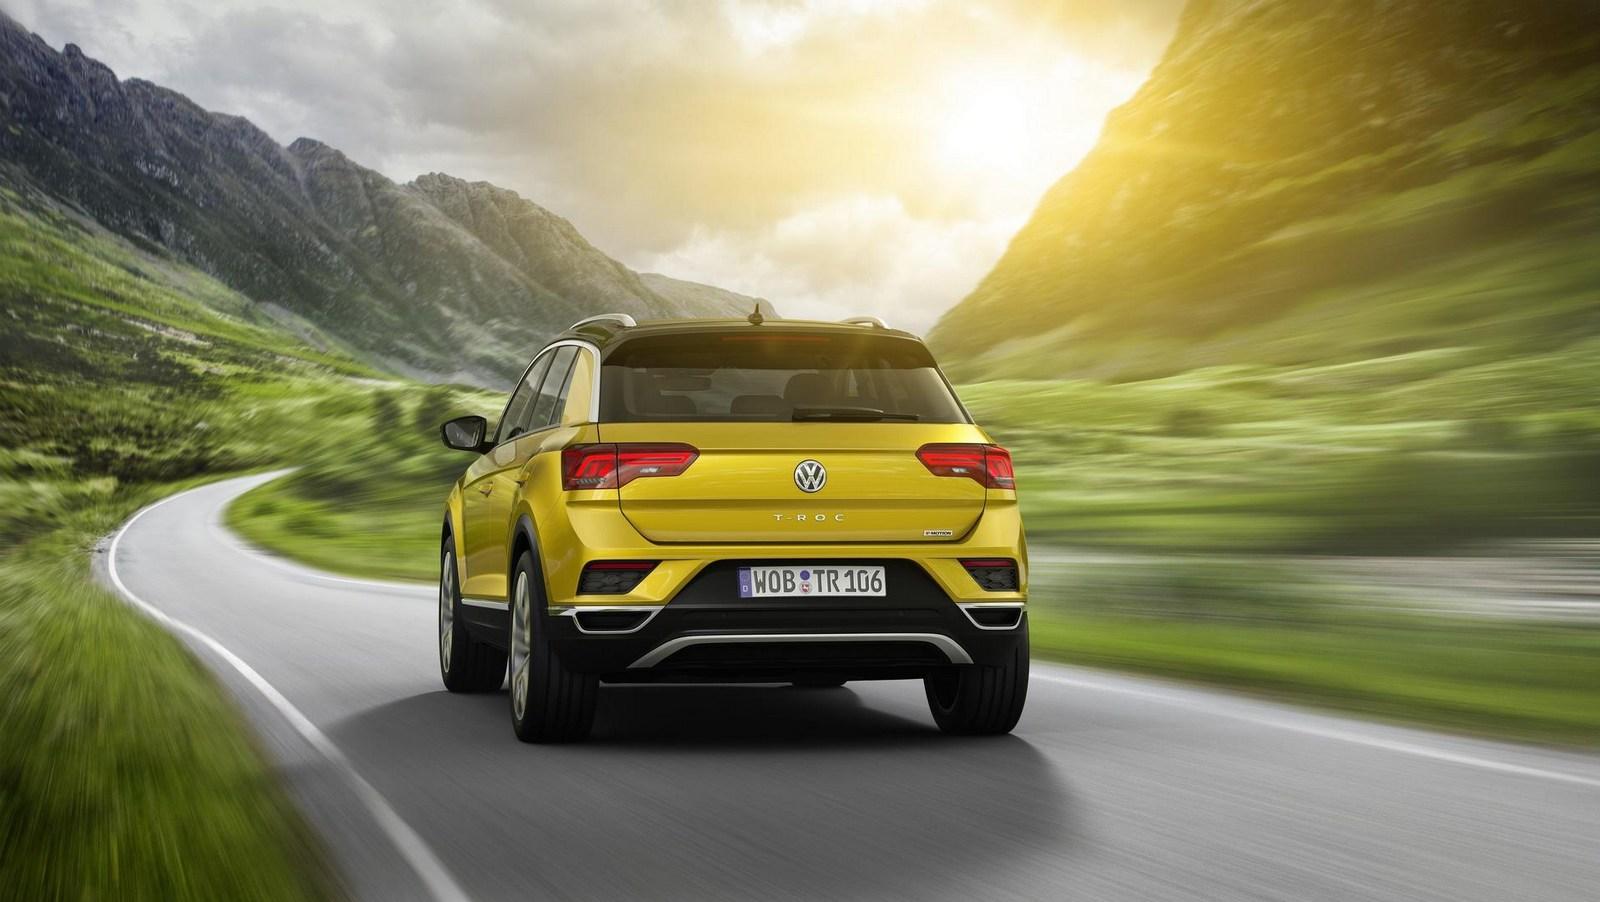 2018_Volkswagen_T-Roc_06